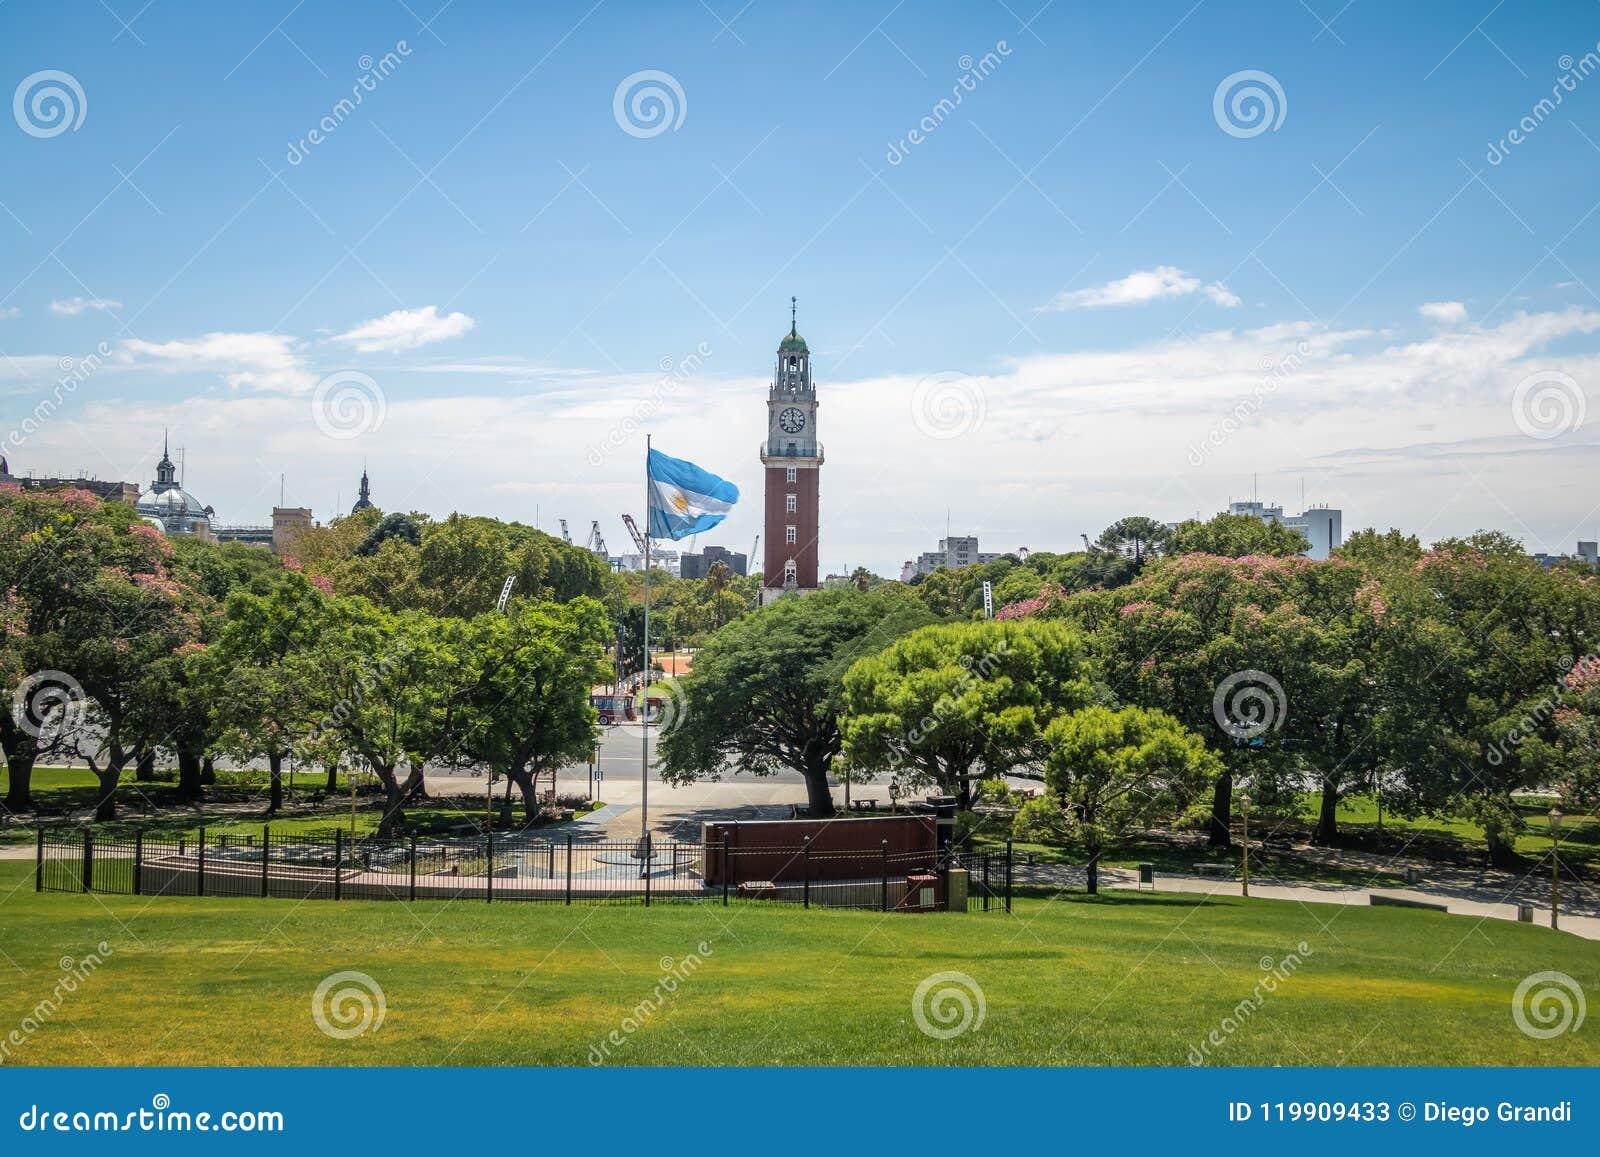 纪念钟塔或Torre de los Ingleses和圣马丁将军广场在Retiro -布宜诺斯艾利斯,阿根廷